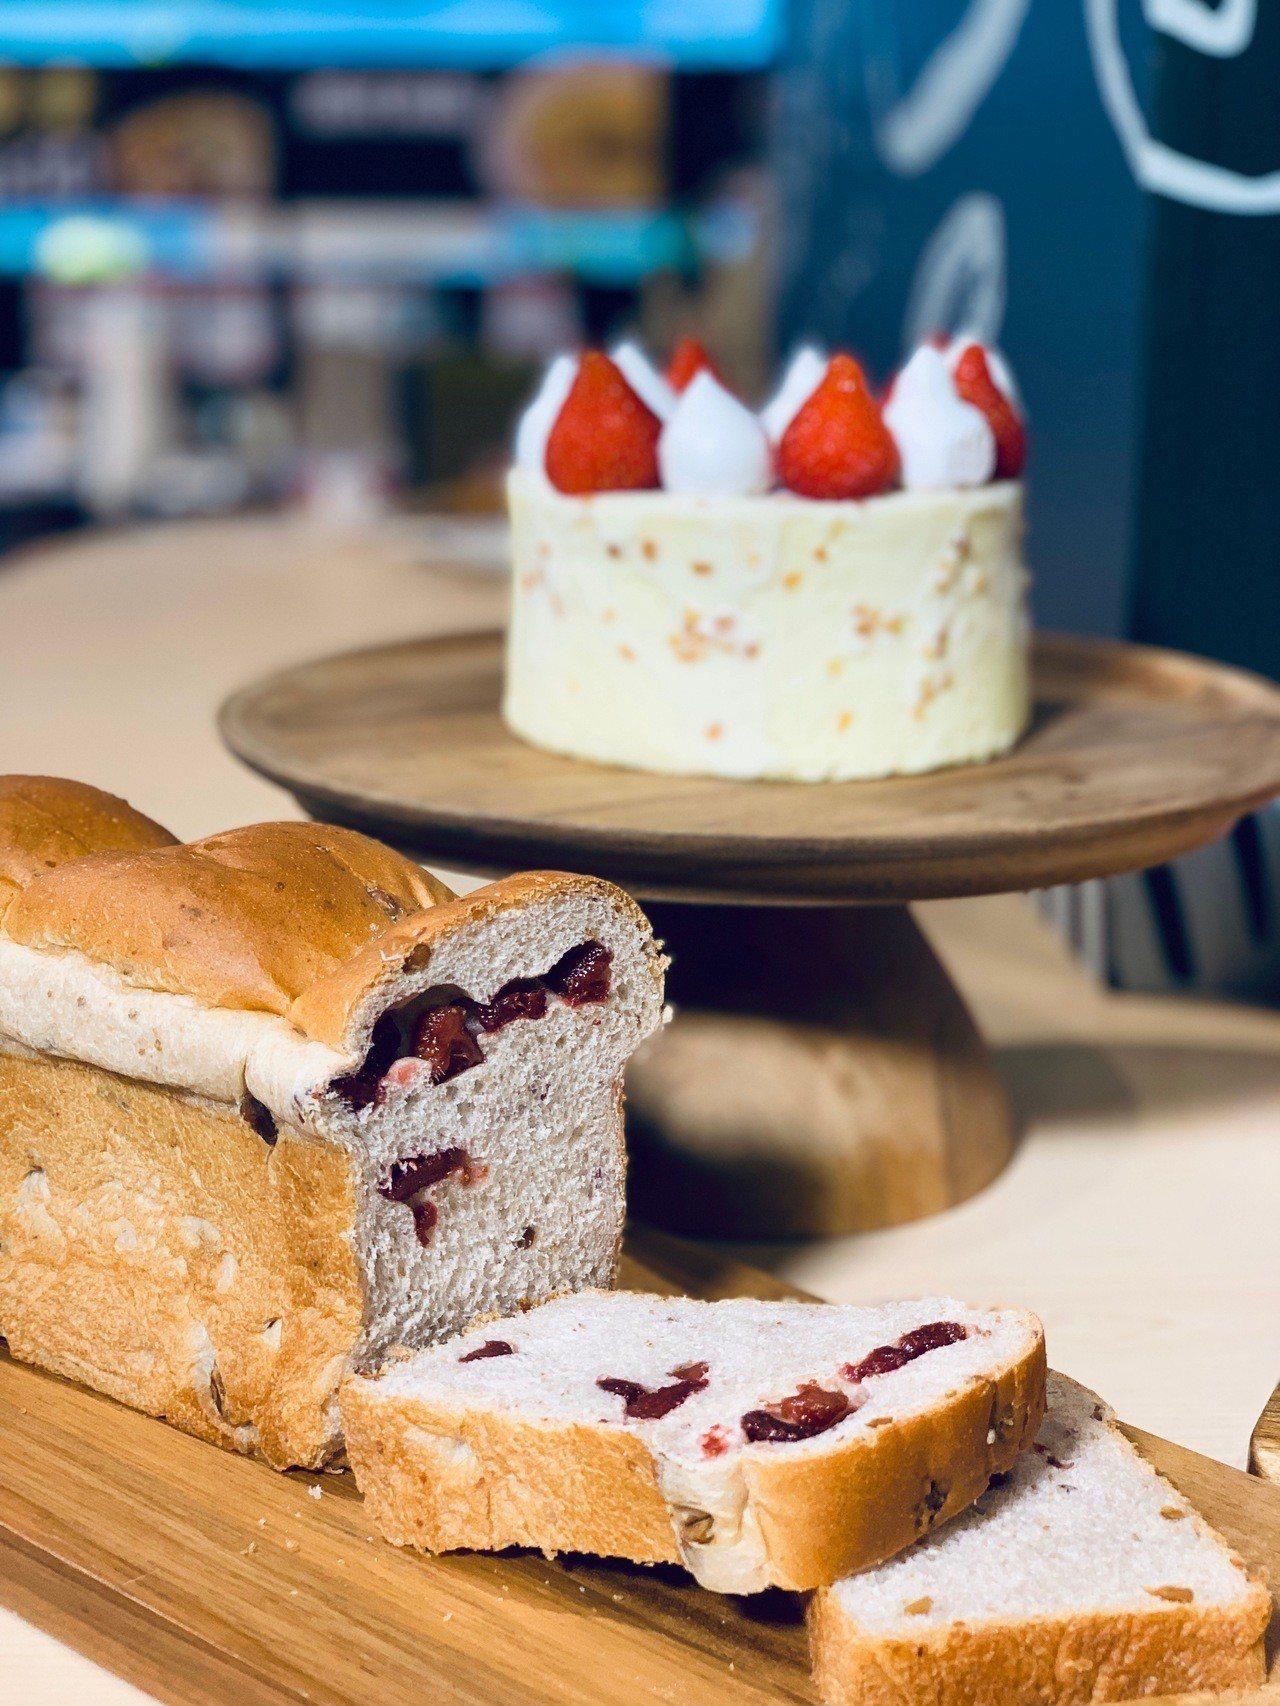 世界冠軍荔香草莓吐司(前)售價298元/條;巴伐利亞草莓牛奶蛋糕(後)售價398...